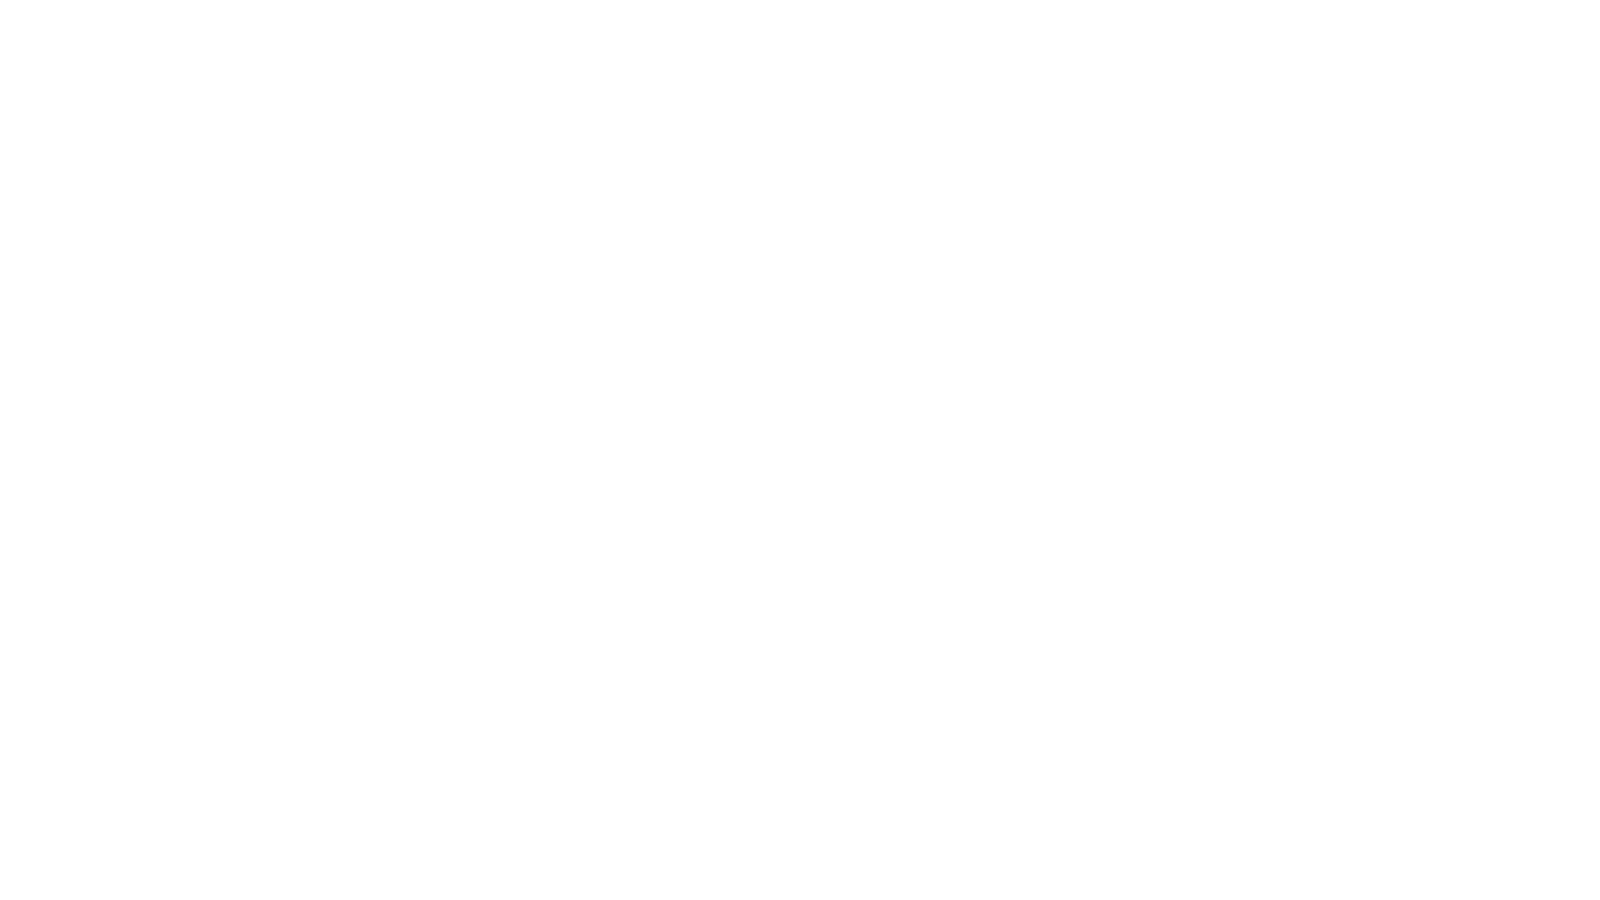 Baja California se convirtió en un lugar importante para el turismo, miles de personas vienen a vacacionar, o hacer viajes de negocios o viajes para atención médica, y desde hace unos años hubo emprendedores que vieron en esto un área de oportunidad y es así como surgen los tours para visitar sitios de mucho interés en la región. Los tours que salen desde Tijuana cubren lugares de Baja California y California en EU, esos puntos y se vuelven una oportunidad interesante para los viajeros y para los mismos residentes de la región que en un día pueden visitarlos.  MÚSICA Cali by Wataboi  https://soundcloud.com/wataboi Creative Commons — Attribution 3.0 Unported — CC BY 3.0 Free Download / Stream:  https://bit.ly/wataboi-cali Music promoted by Audio Library https://youtu.be/qXptaqHIH5g  MIS REDES SOCIALES   FACEBOOK https://www.facebook.com/ArielFoodTra...  INSTAGRAM https://www.instagram.com/arielfoodtr...  TWITTER https://twitter.com/ArielFoodTravel  MIS REDES PERSONALES   FACEBOOK https://www.facebook.com/ariel.montoy...  INSTAGRAM https://www.instagram.com/amv2016/  TWITTER https://twitter.com/a_montoya2010  ********************************************** CORREO ELECTRÓNICO arielfoodtravel@gmail.com  PÁGINA WEB http://arielfoodandtravel.com/